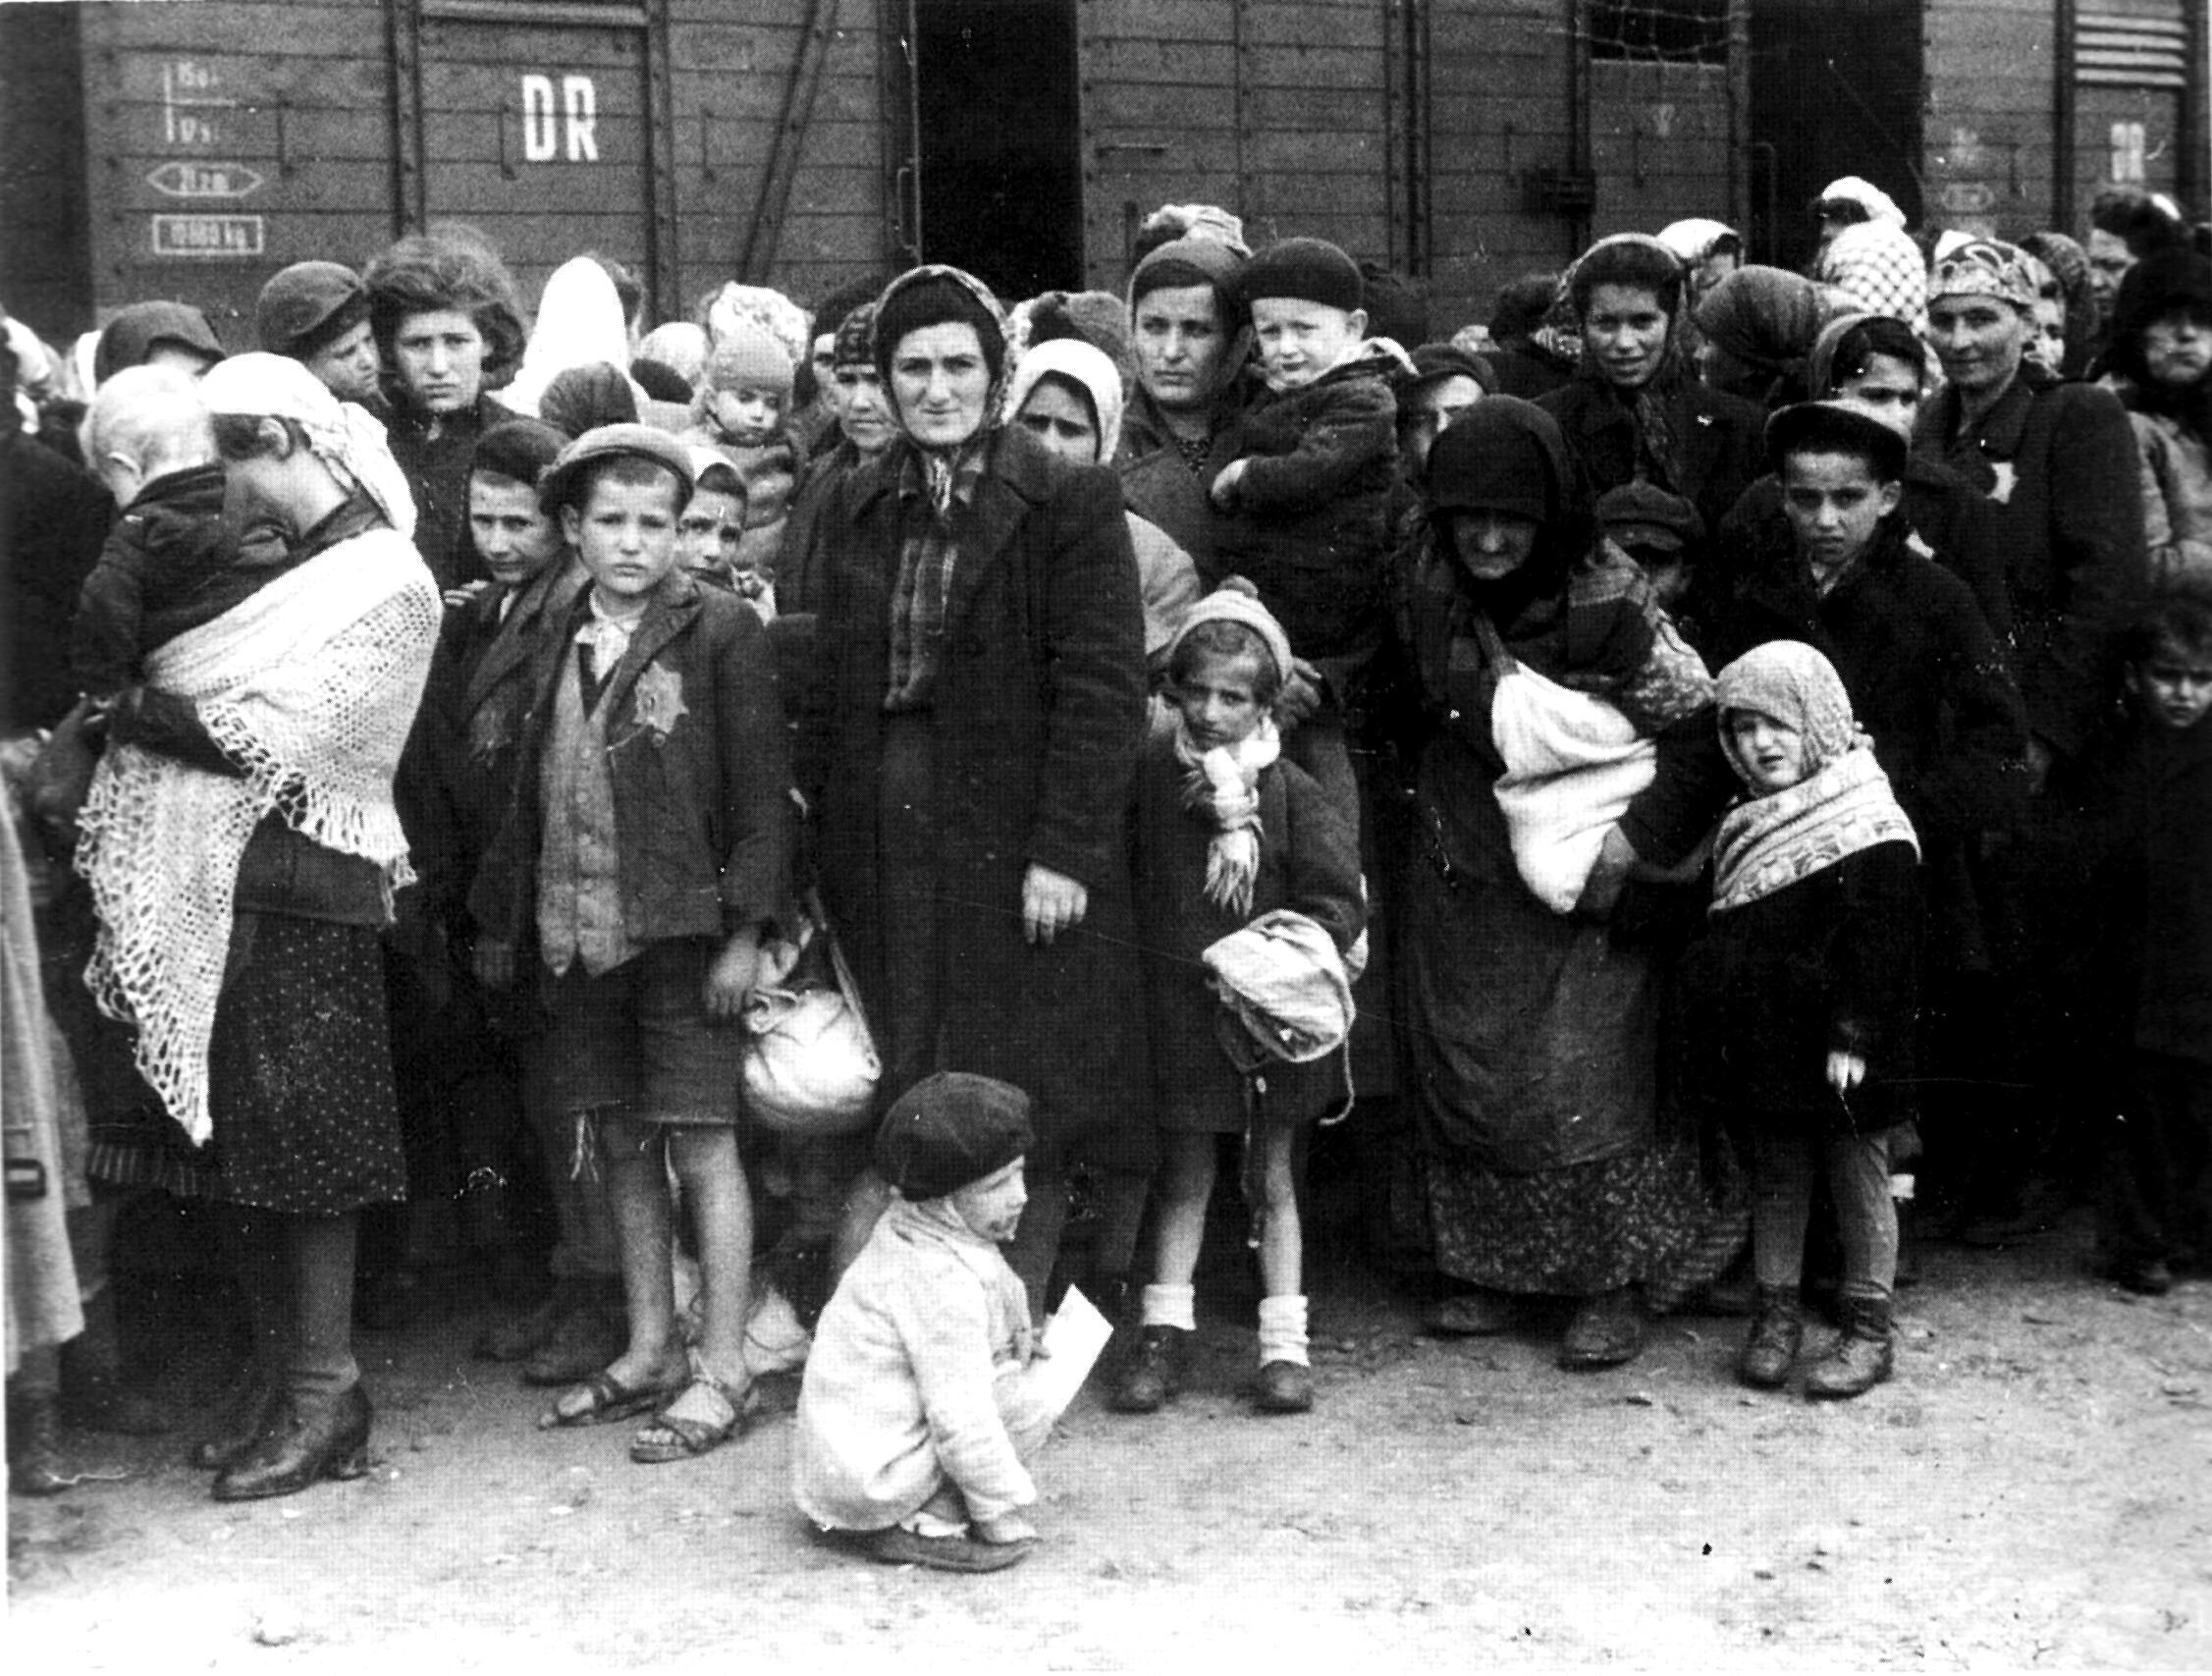 Judeus na rampa de seleção em Auschwitz, em maio de 1944